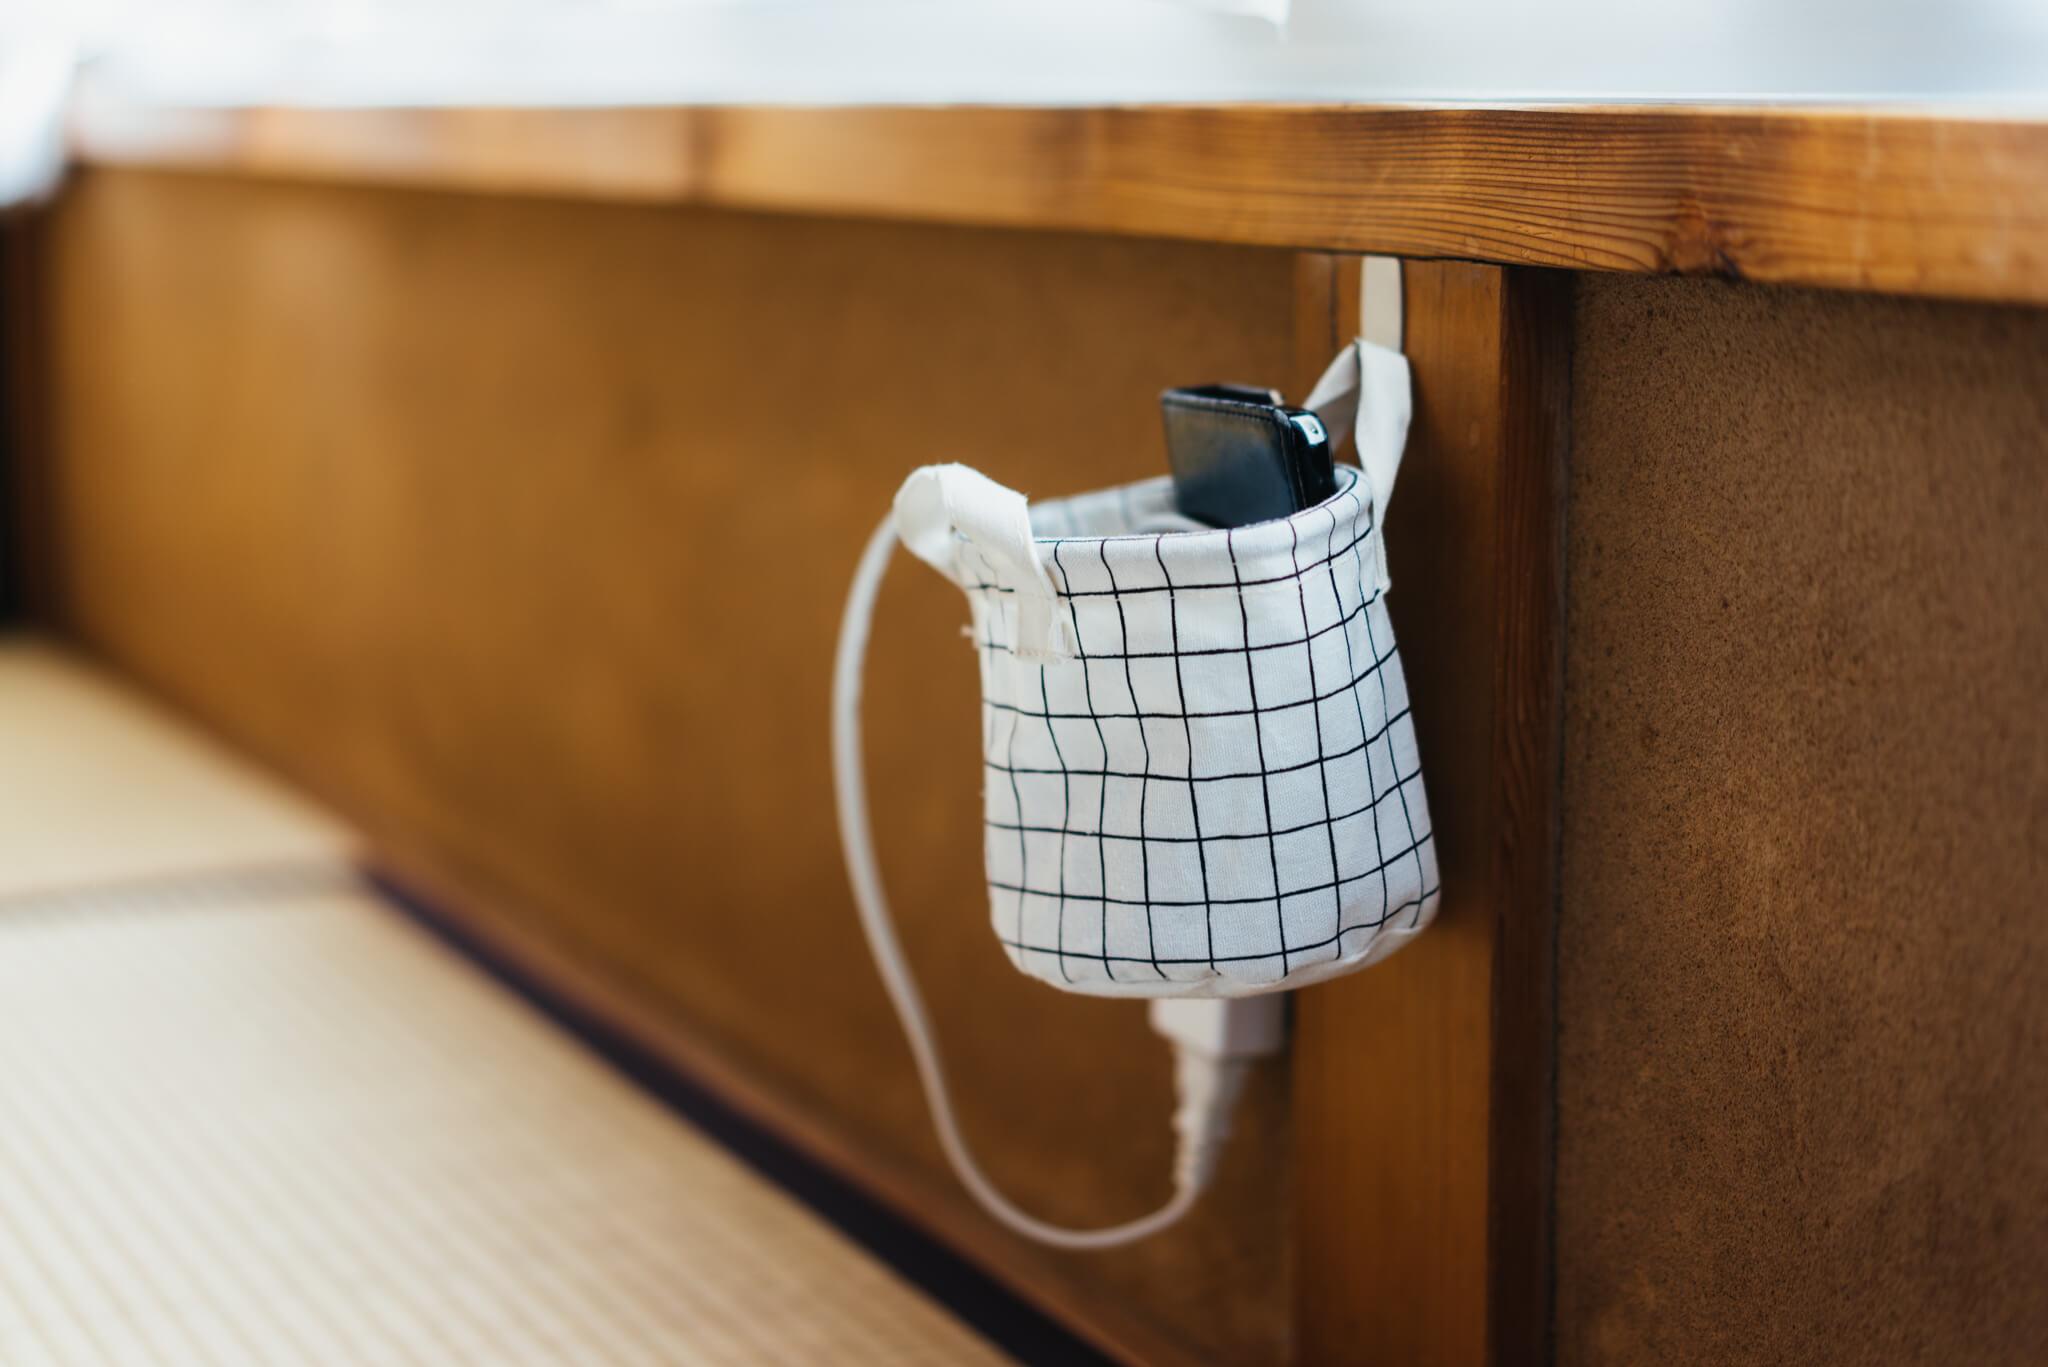 コンセントにさしっぱなし、置きっぱなしになりがちな携帯の充電器も、床には絶対に置かない。(このお部屋はこちら)